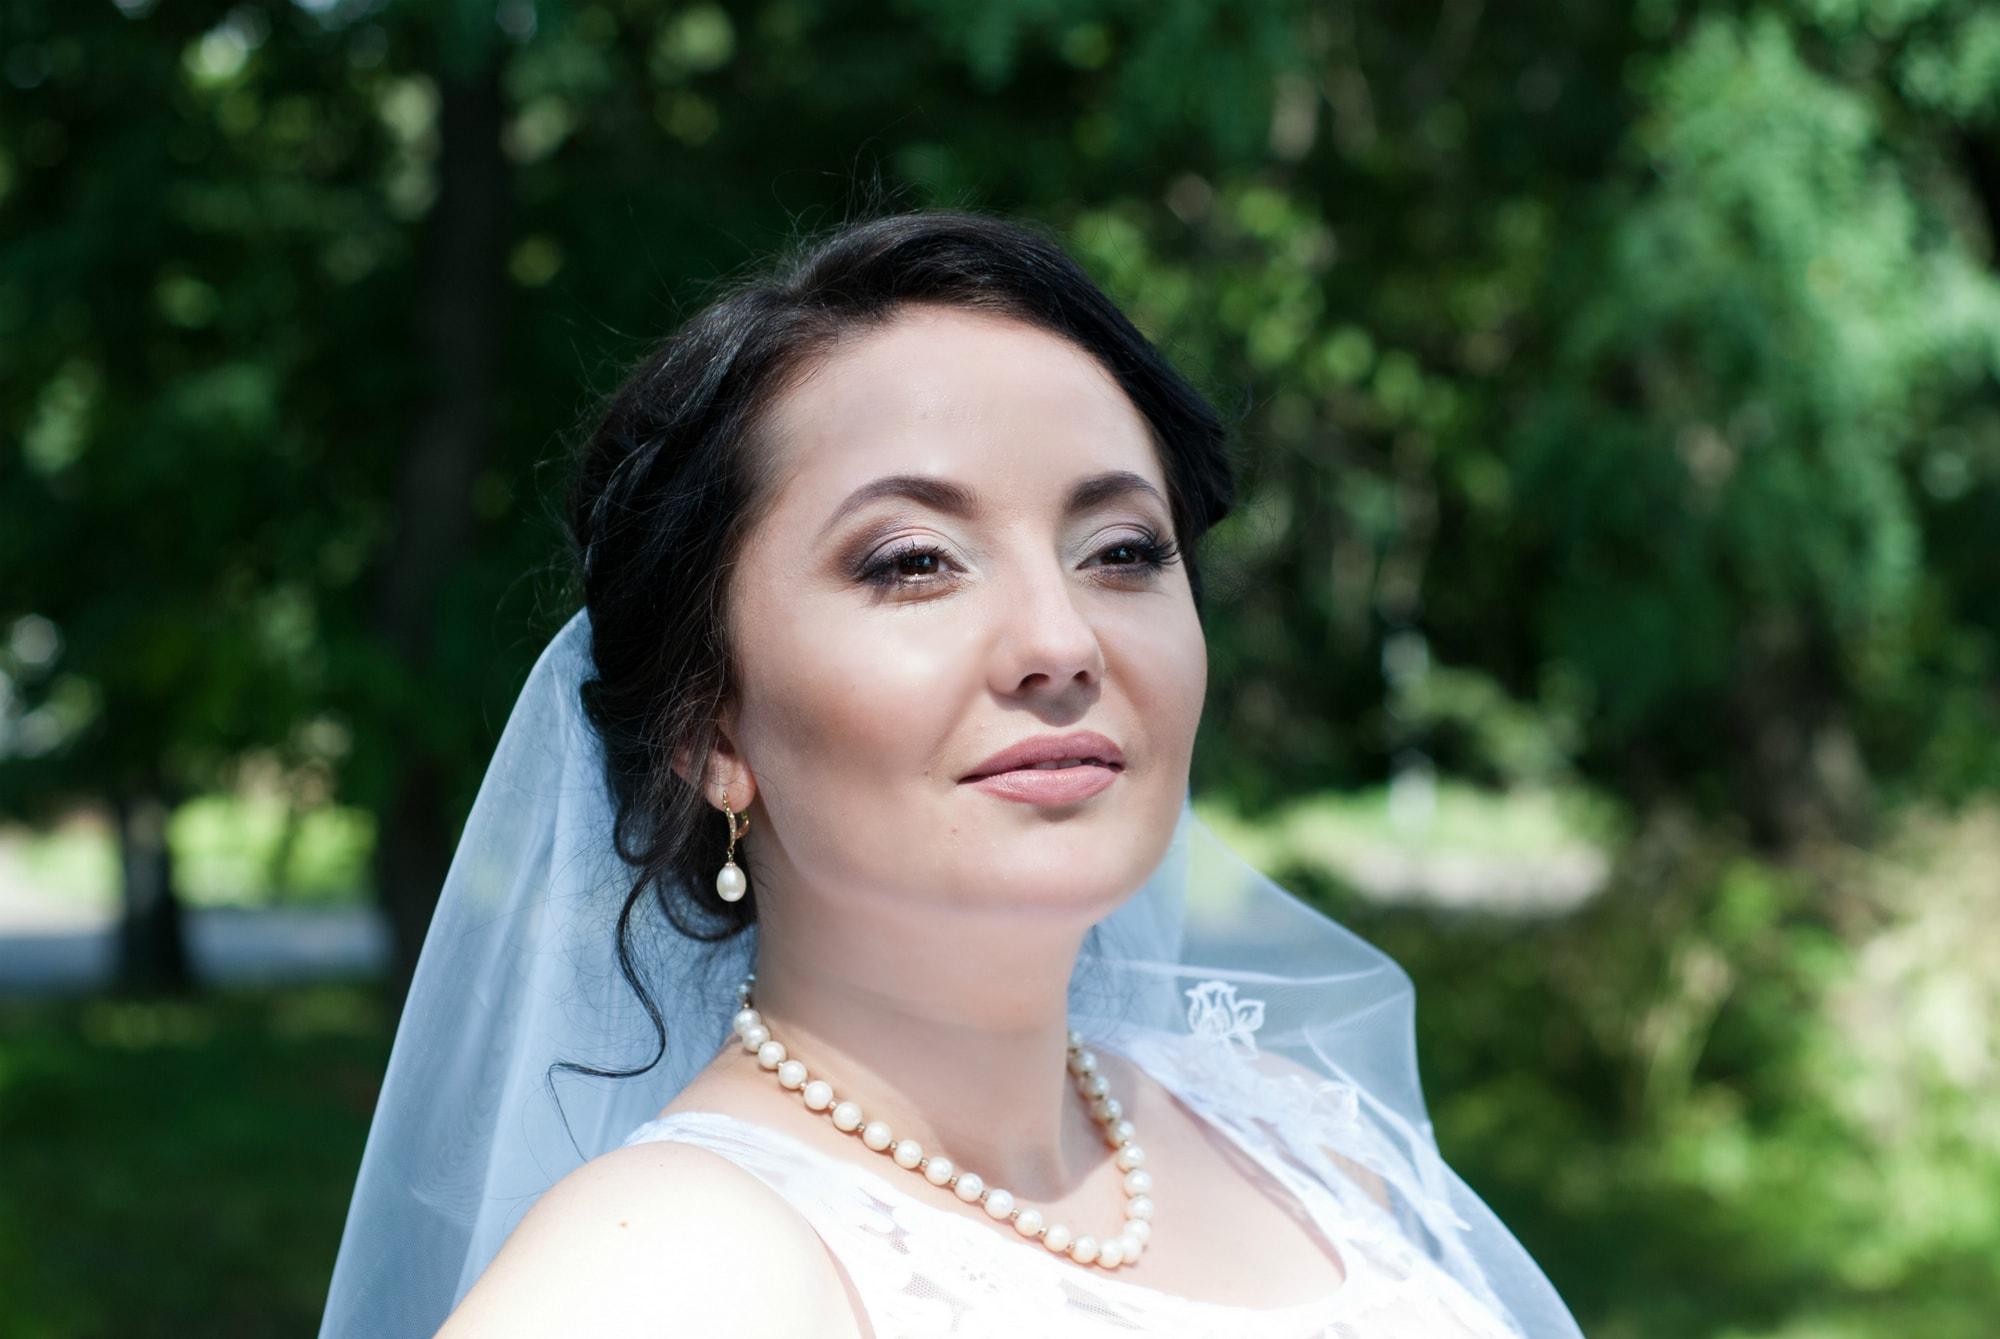 Фото замечтавшейся невесты - Фотограф Киев - Женя Лайт